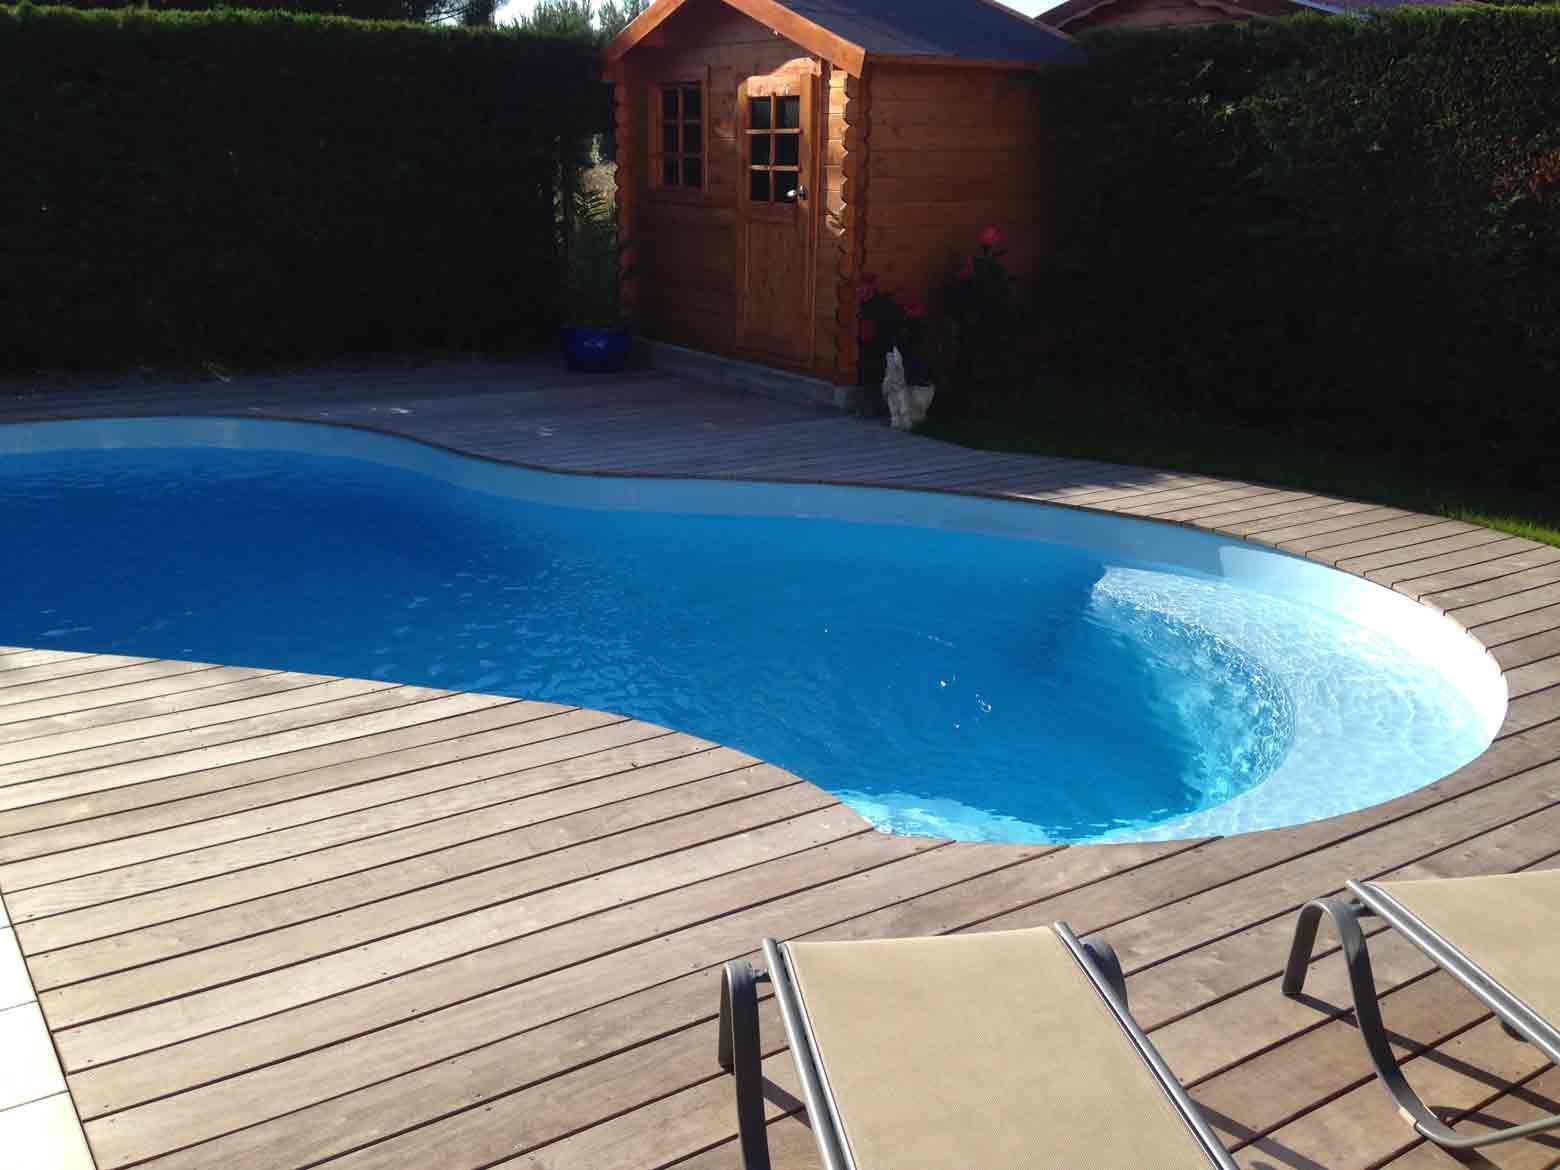 Nos piscines coque en polyester r alis es et pos es en gironde for Coque piscine sur mesure